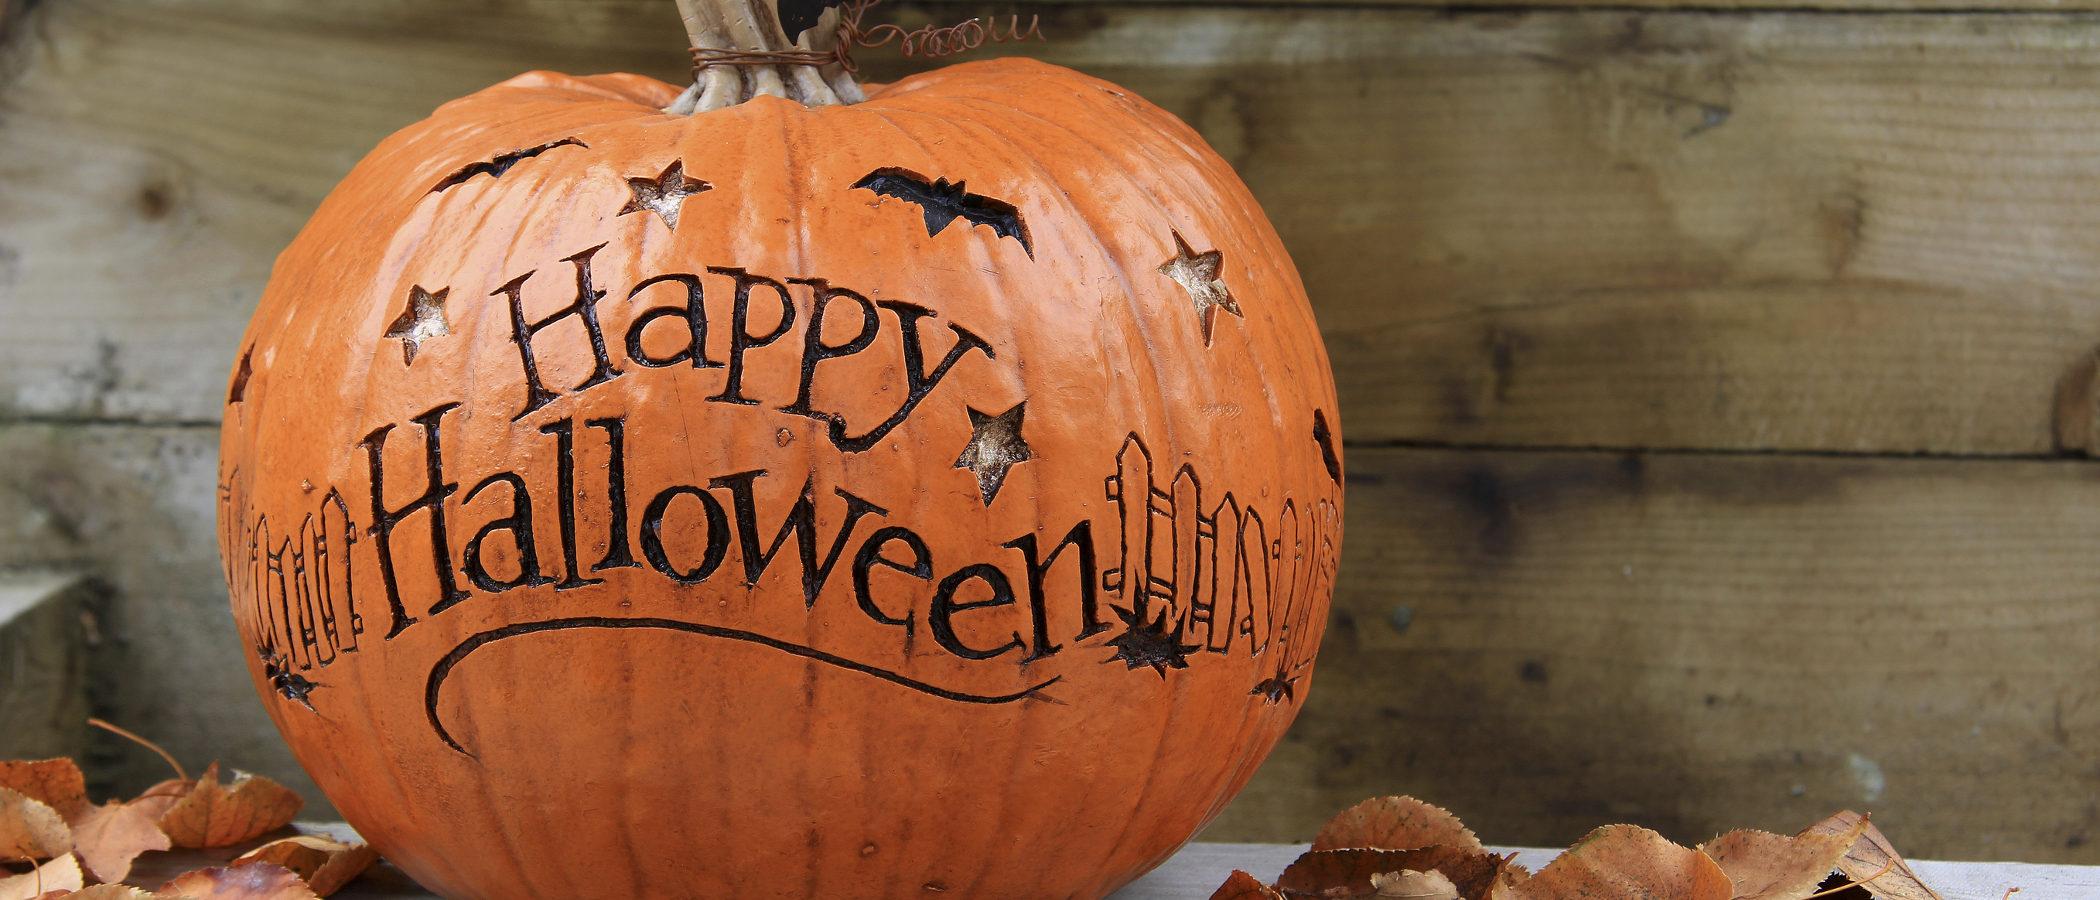 Cmo decorar una calabaza de Halloween con nios paso a paso Bekia